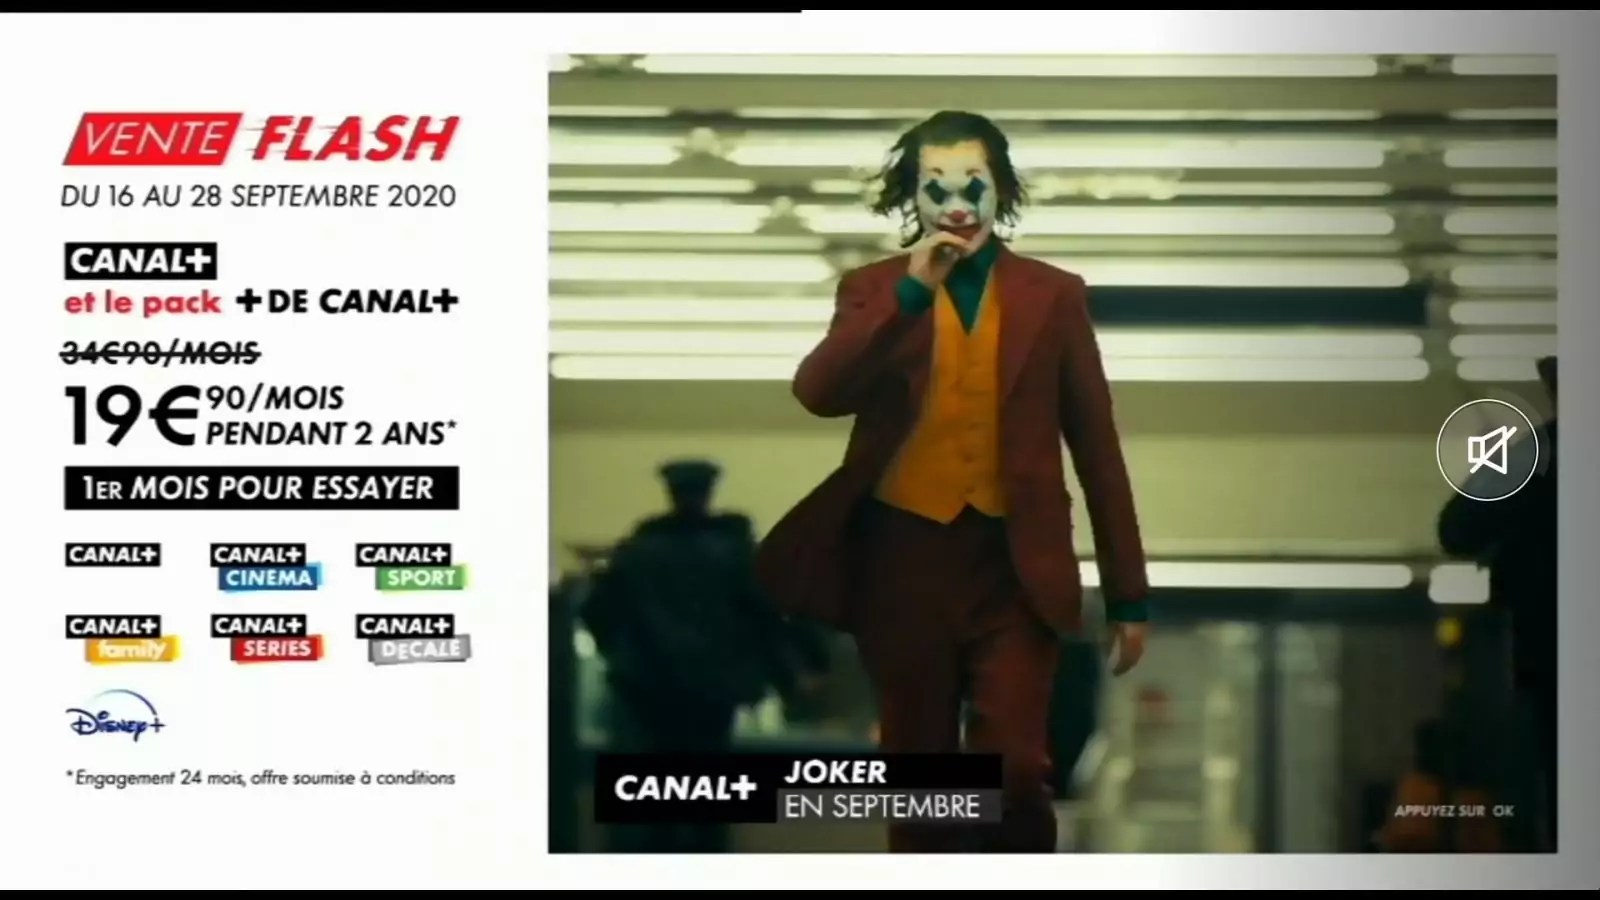 canal lance une nouvelle vente flash